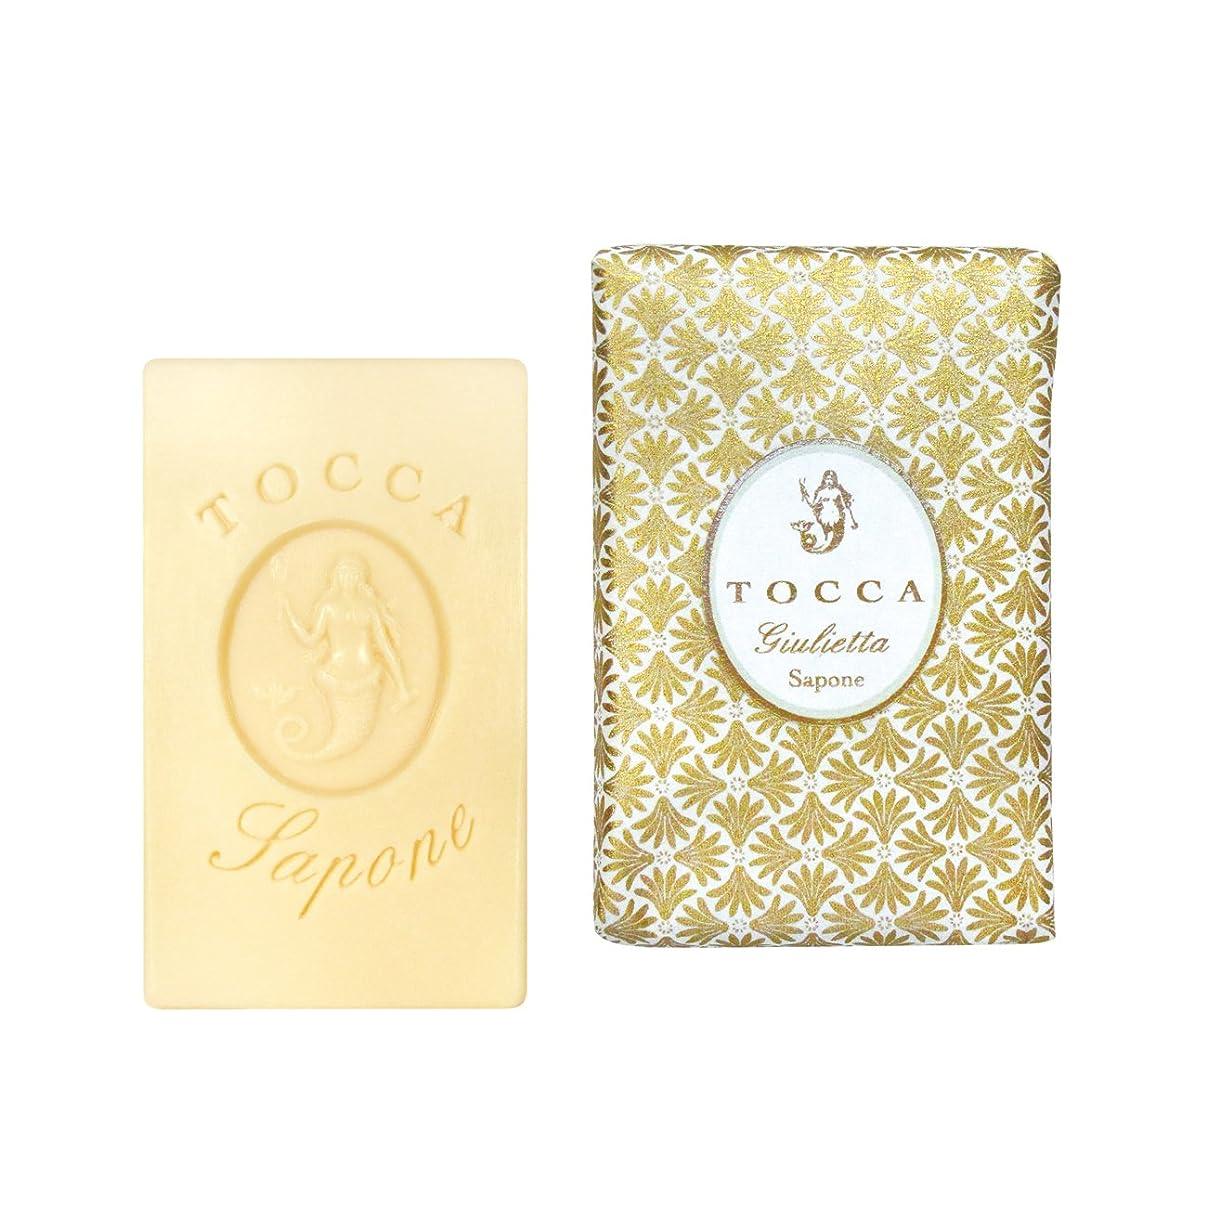 規模包帯エクステントトッカ(TOCCA) ソープバー ジュリエッタの香り 113g(化粧石けん ピンクチューリップとグリーンアップルの爽やかで甘い香り)